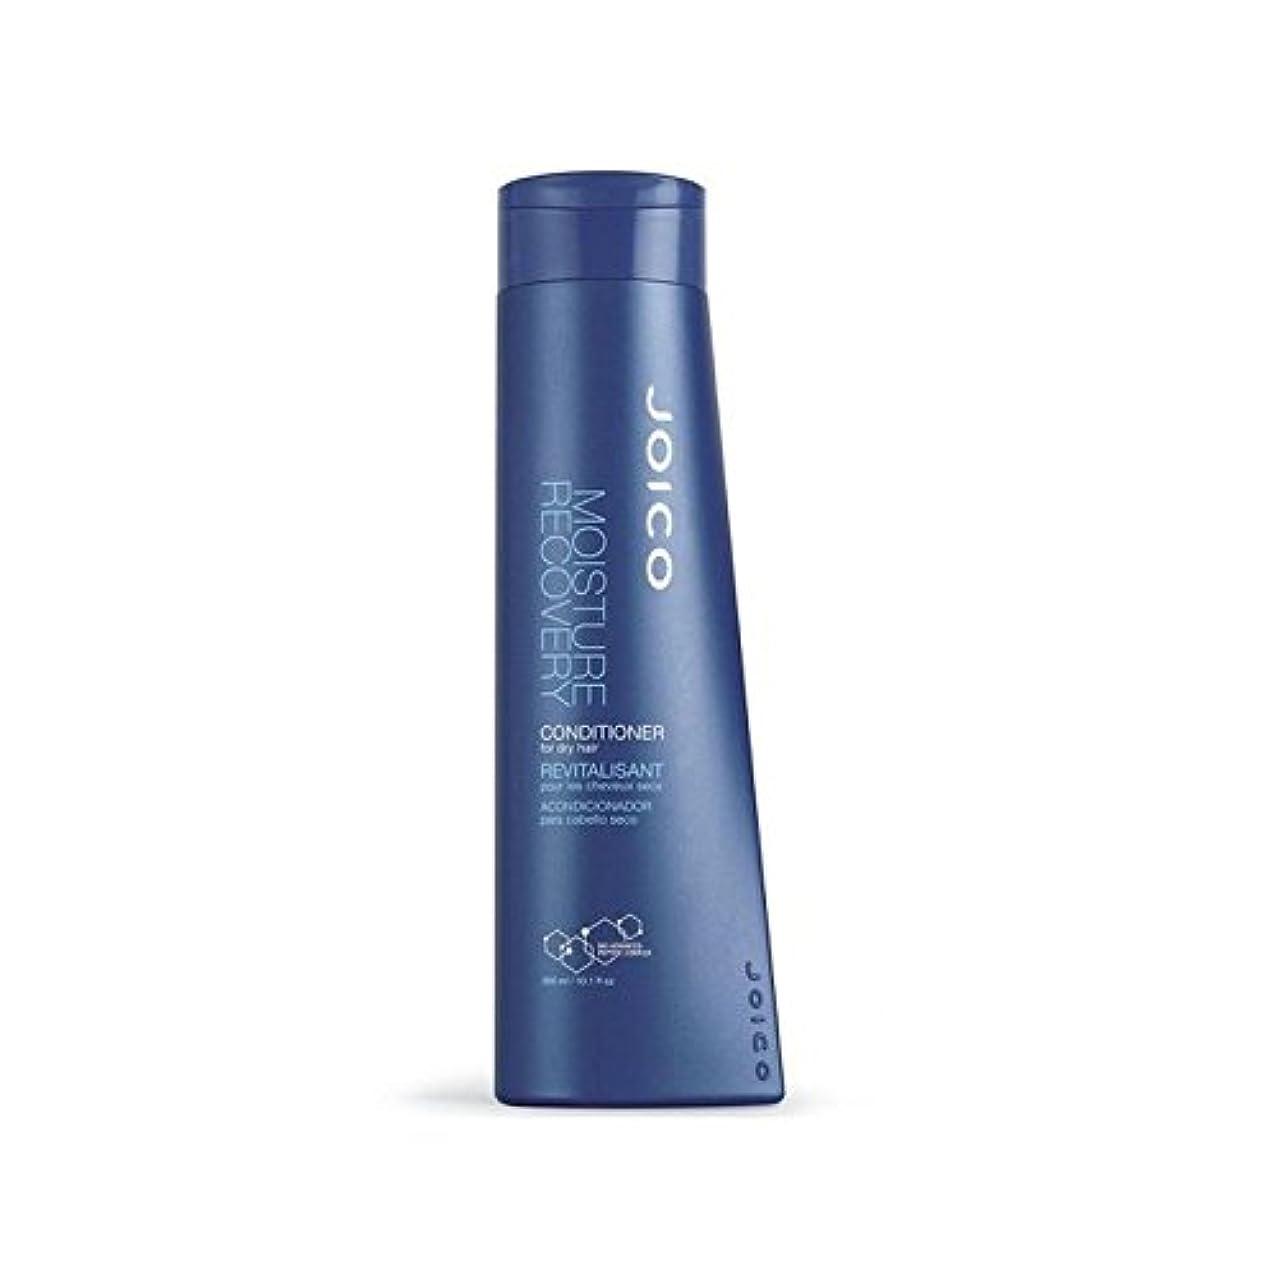 振動するフェード医薬品Joico Moisture Recovery Conditioner 300ml - ジョイコ水分回復コンディショナー300ミリリットル [並行輸入品]